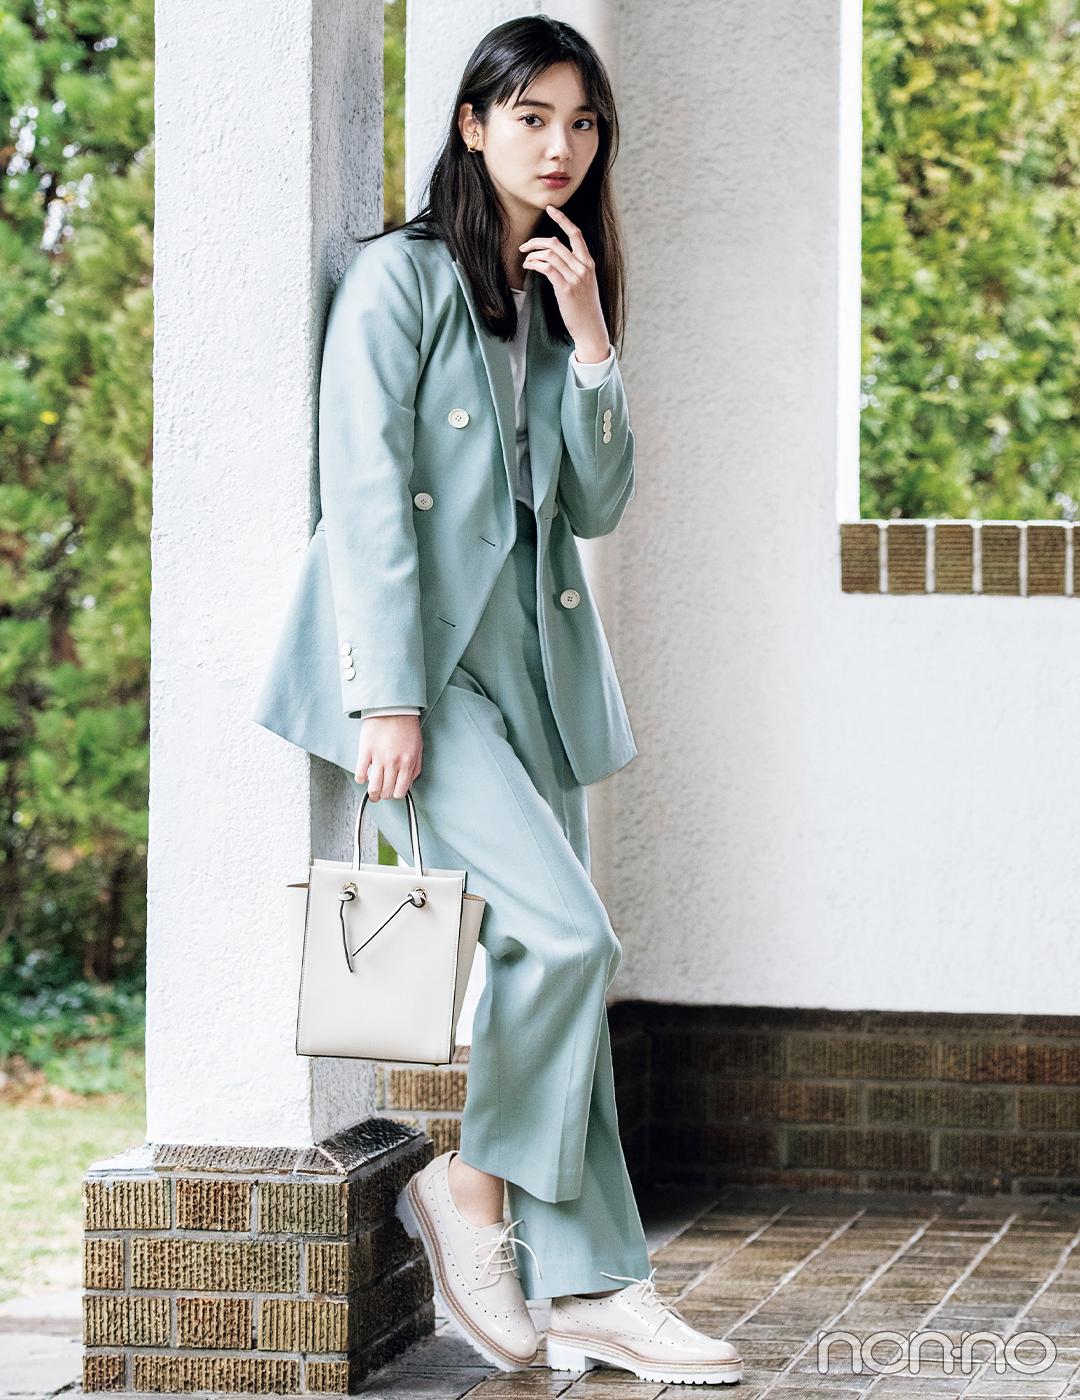 新川優愛は春色セットアップでこなれハンサムスタイル【毎日コーデ】